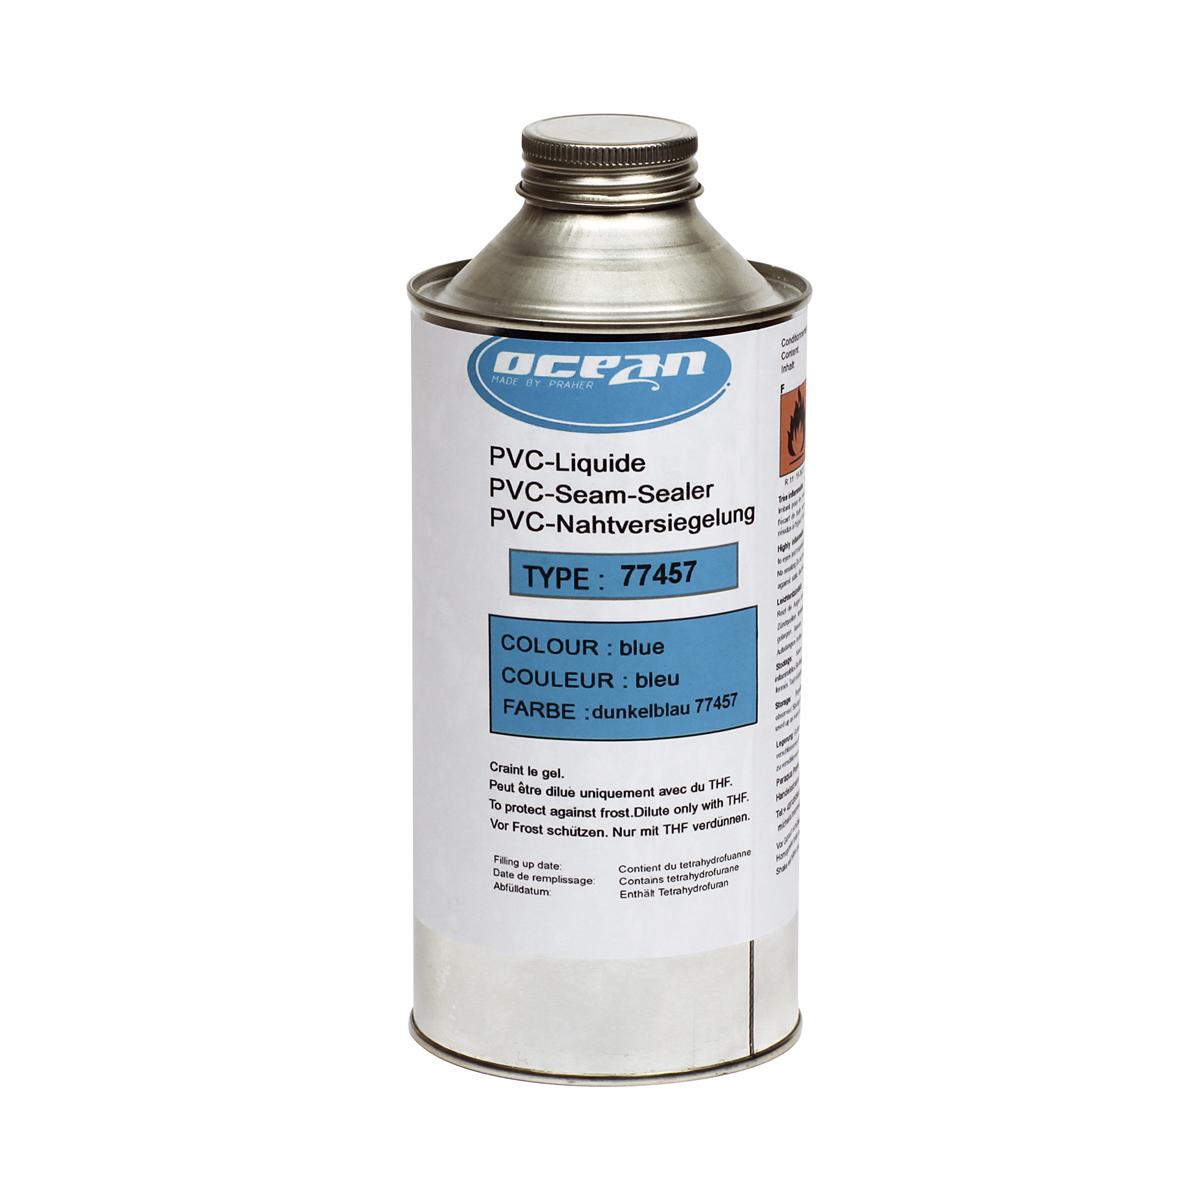 Flüssig-PVC Nahtversiegelung adriablau Flüssig-PVC Nahtversiegelung adriablau